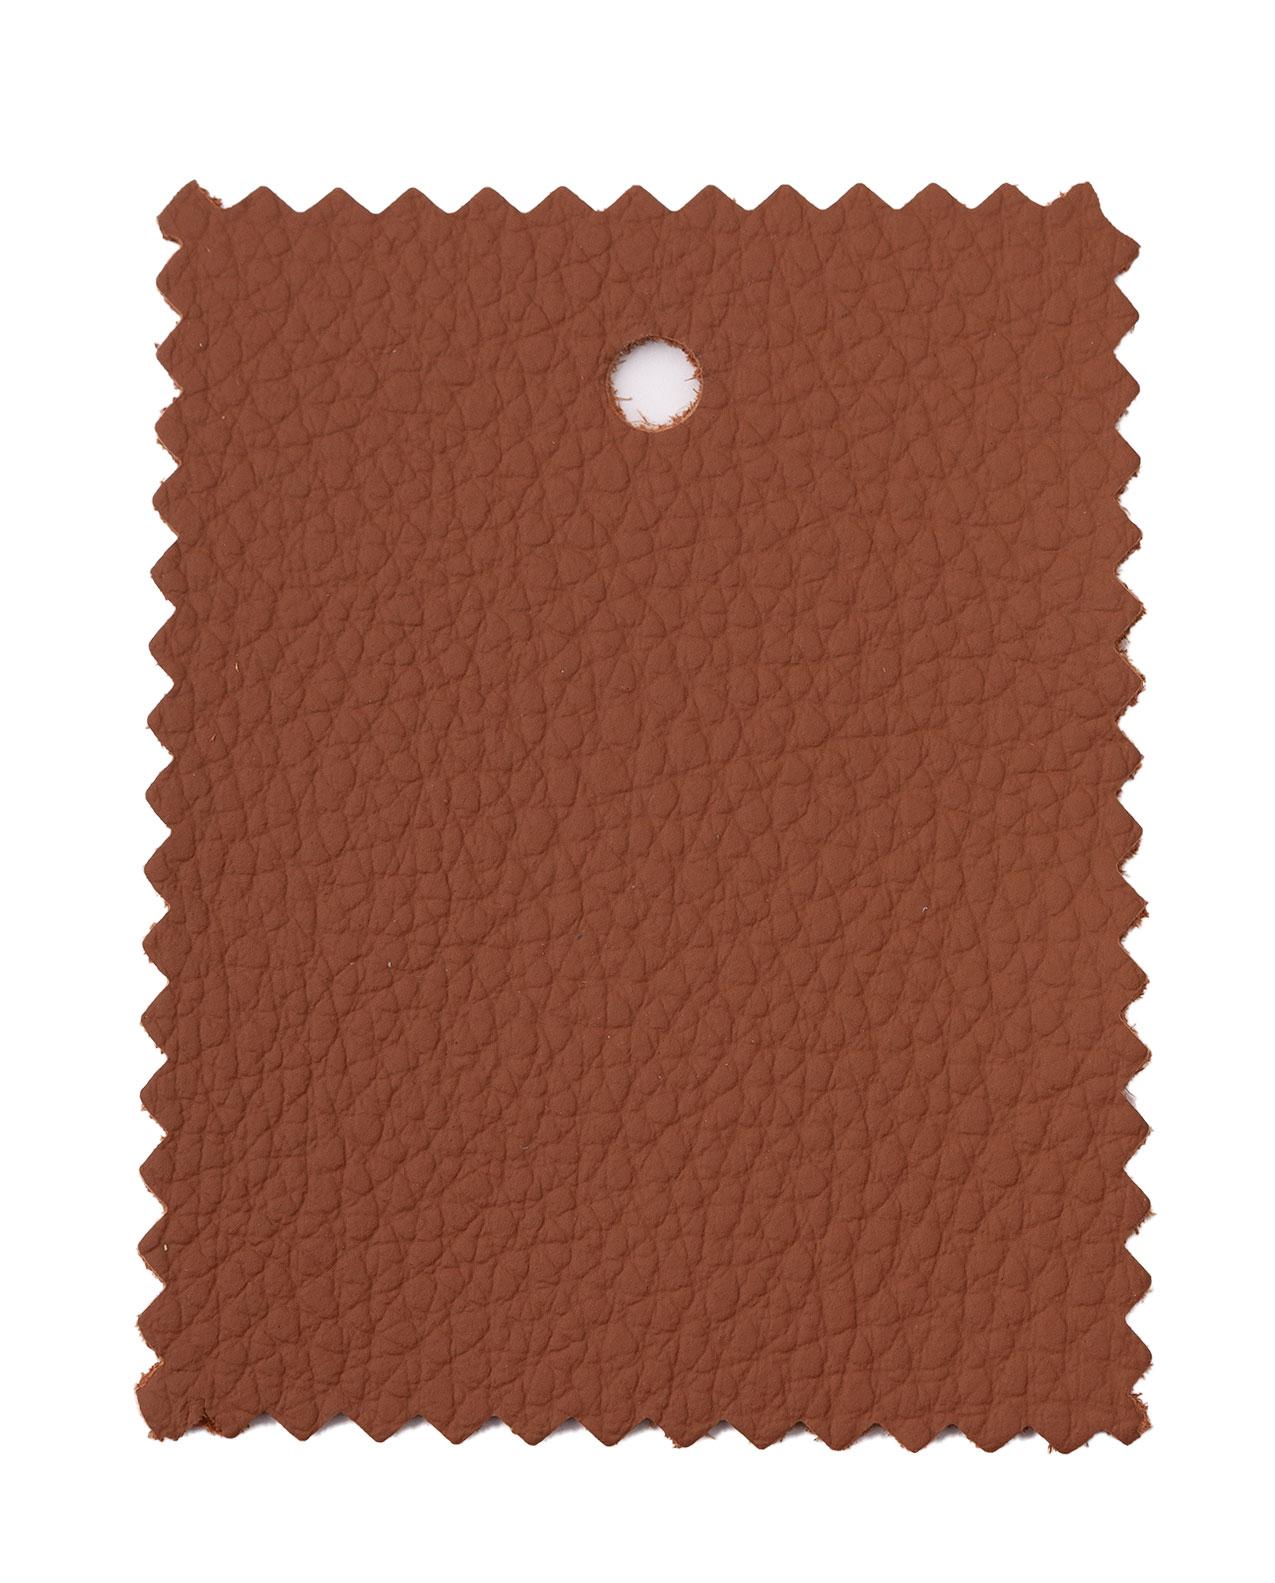 Abbildung bmw-dakota-sattelbraun